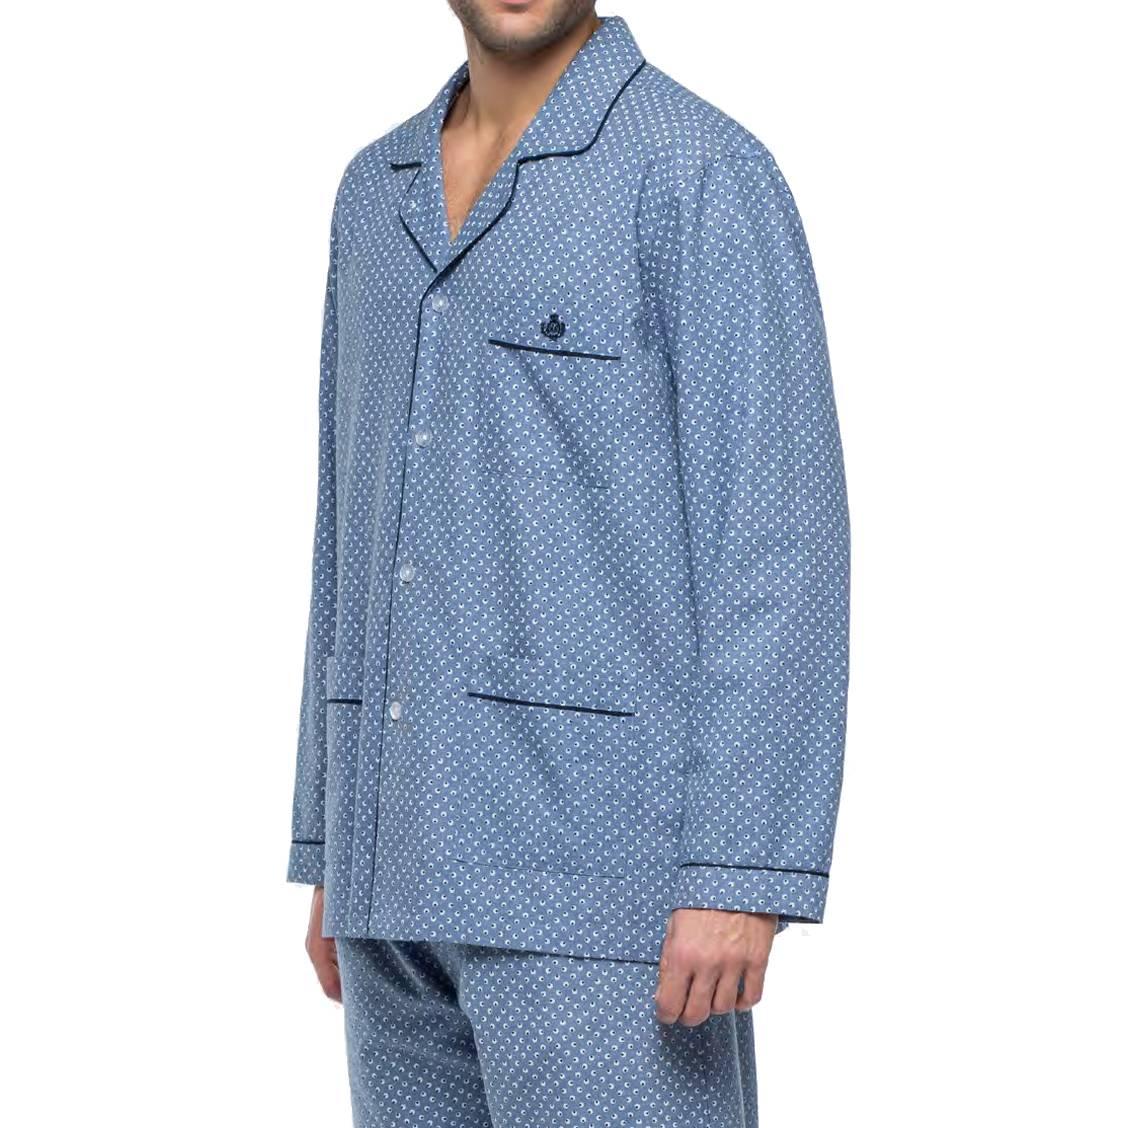 Pyjama long Guasch en coton : veste boutonnée et pantalon bleu chiné à motifs